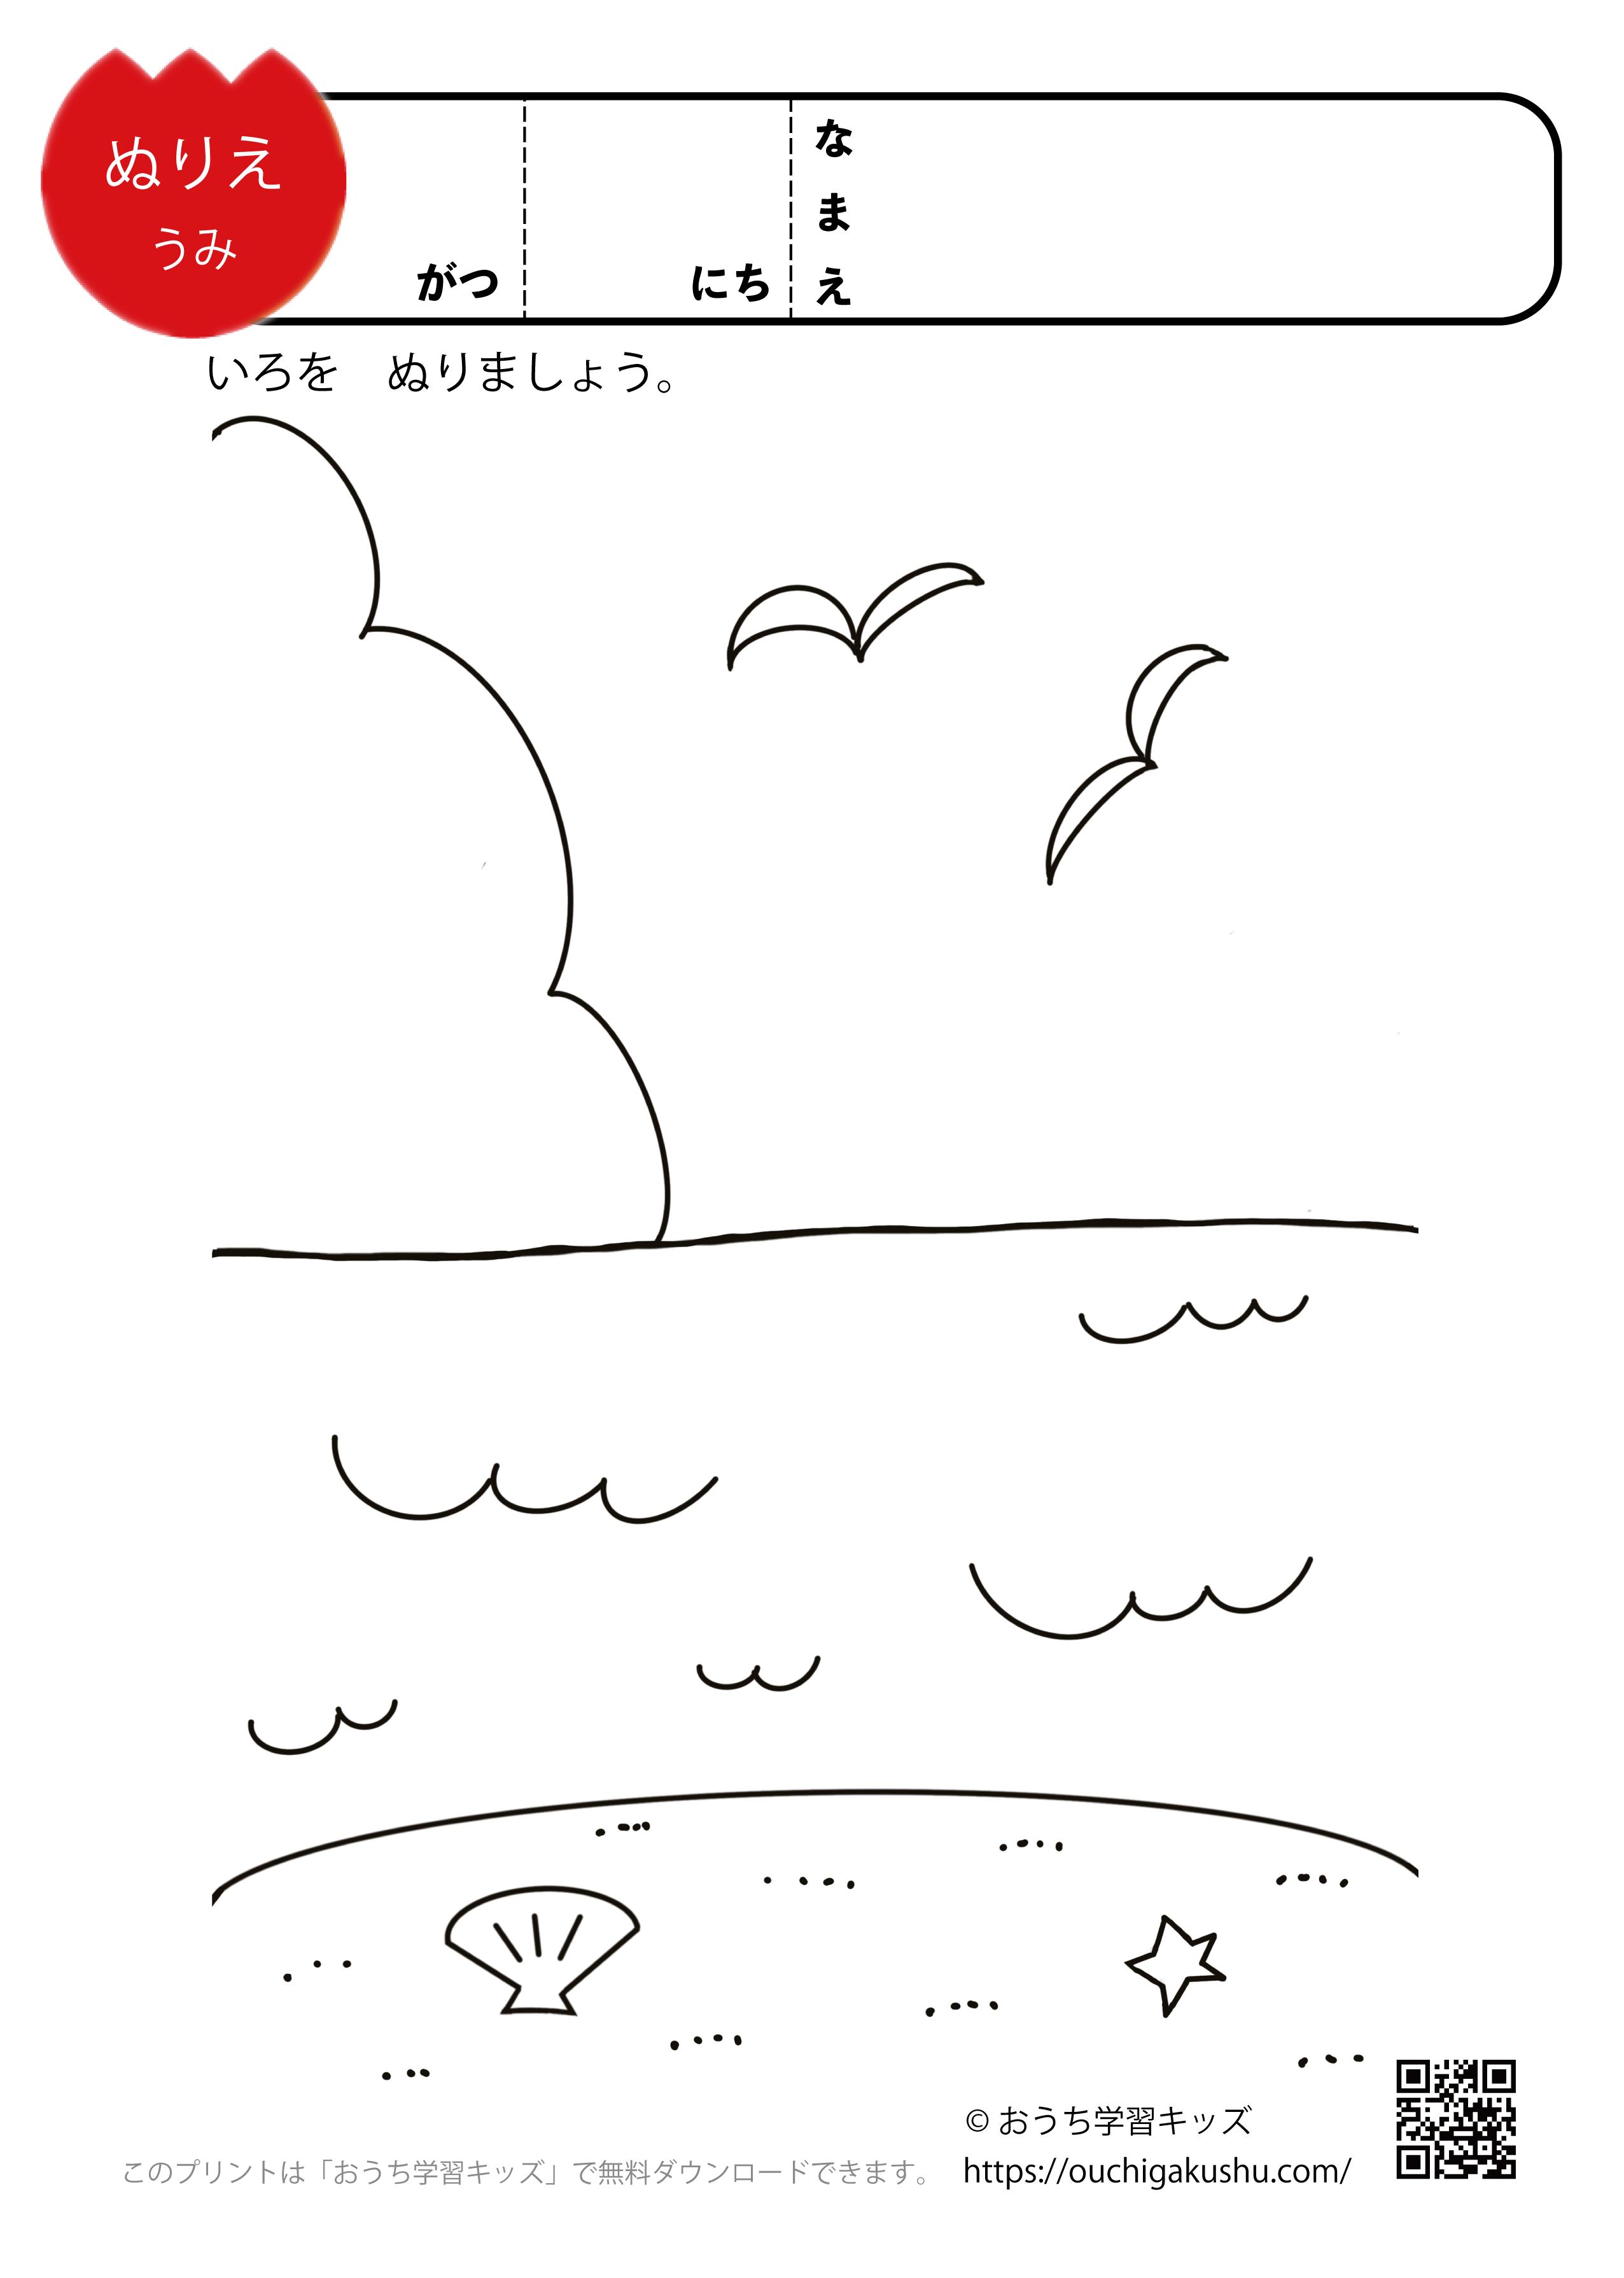 無料ぬりえプリント「海(うみ)」